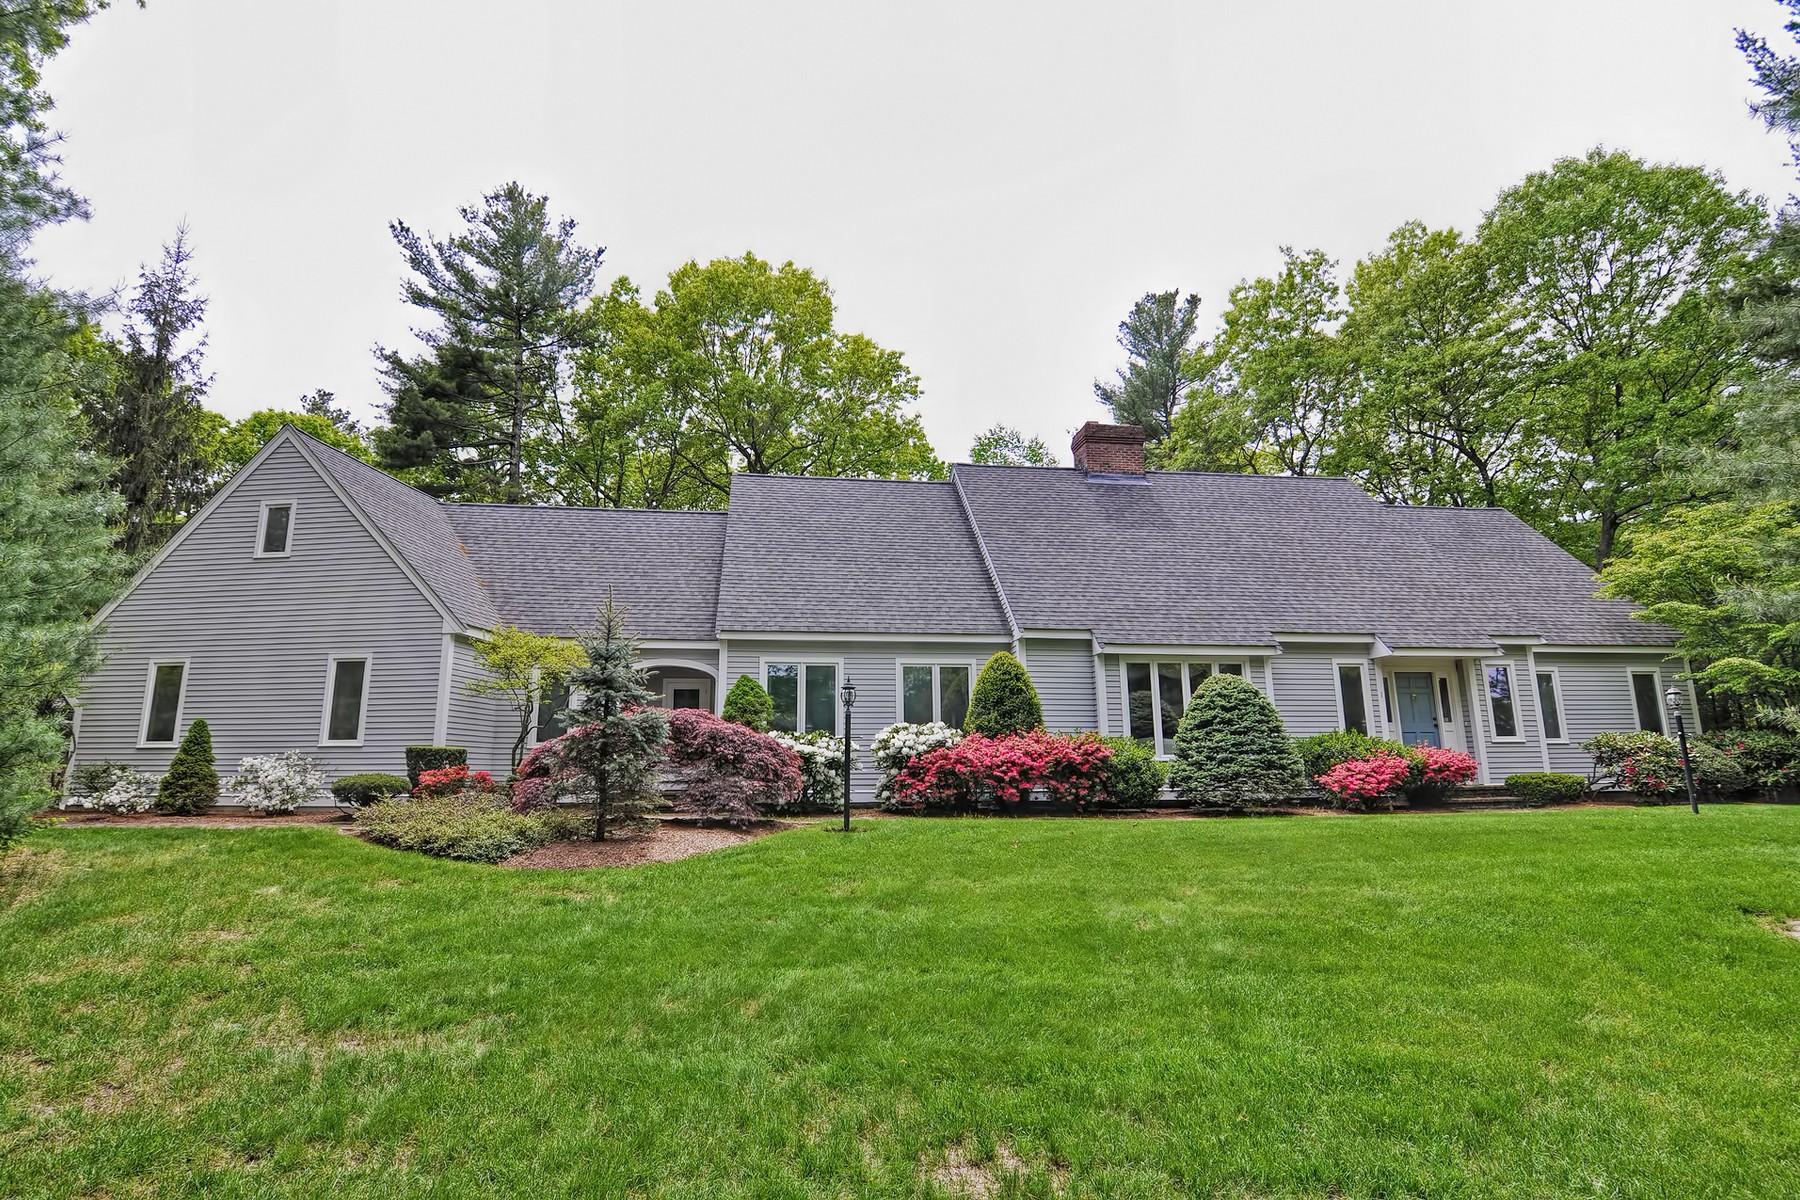 Villa per Vendita alle ore Sprawling Cape 1 Gina Dr Hopkinton, Massachusetts, 01748 Stati Uniti